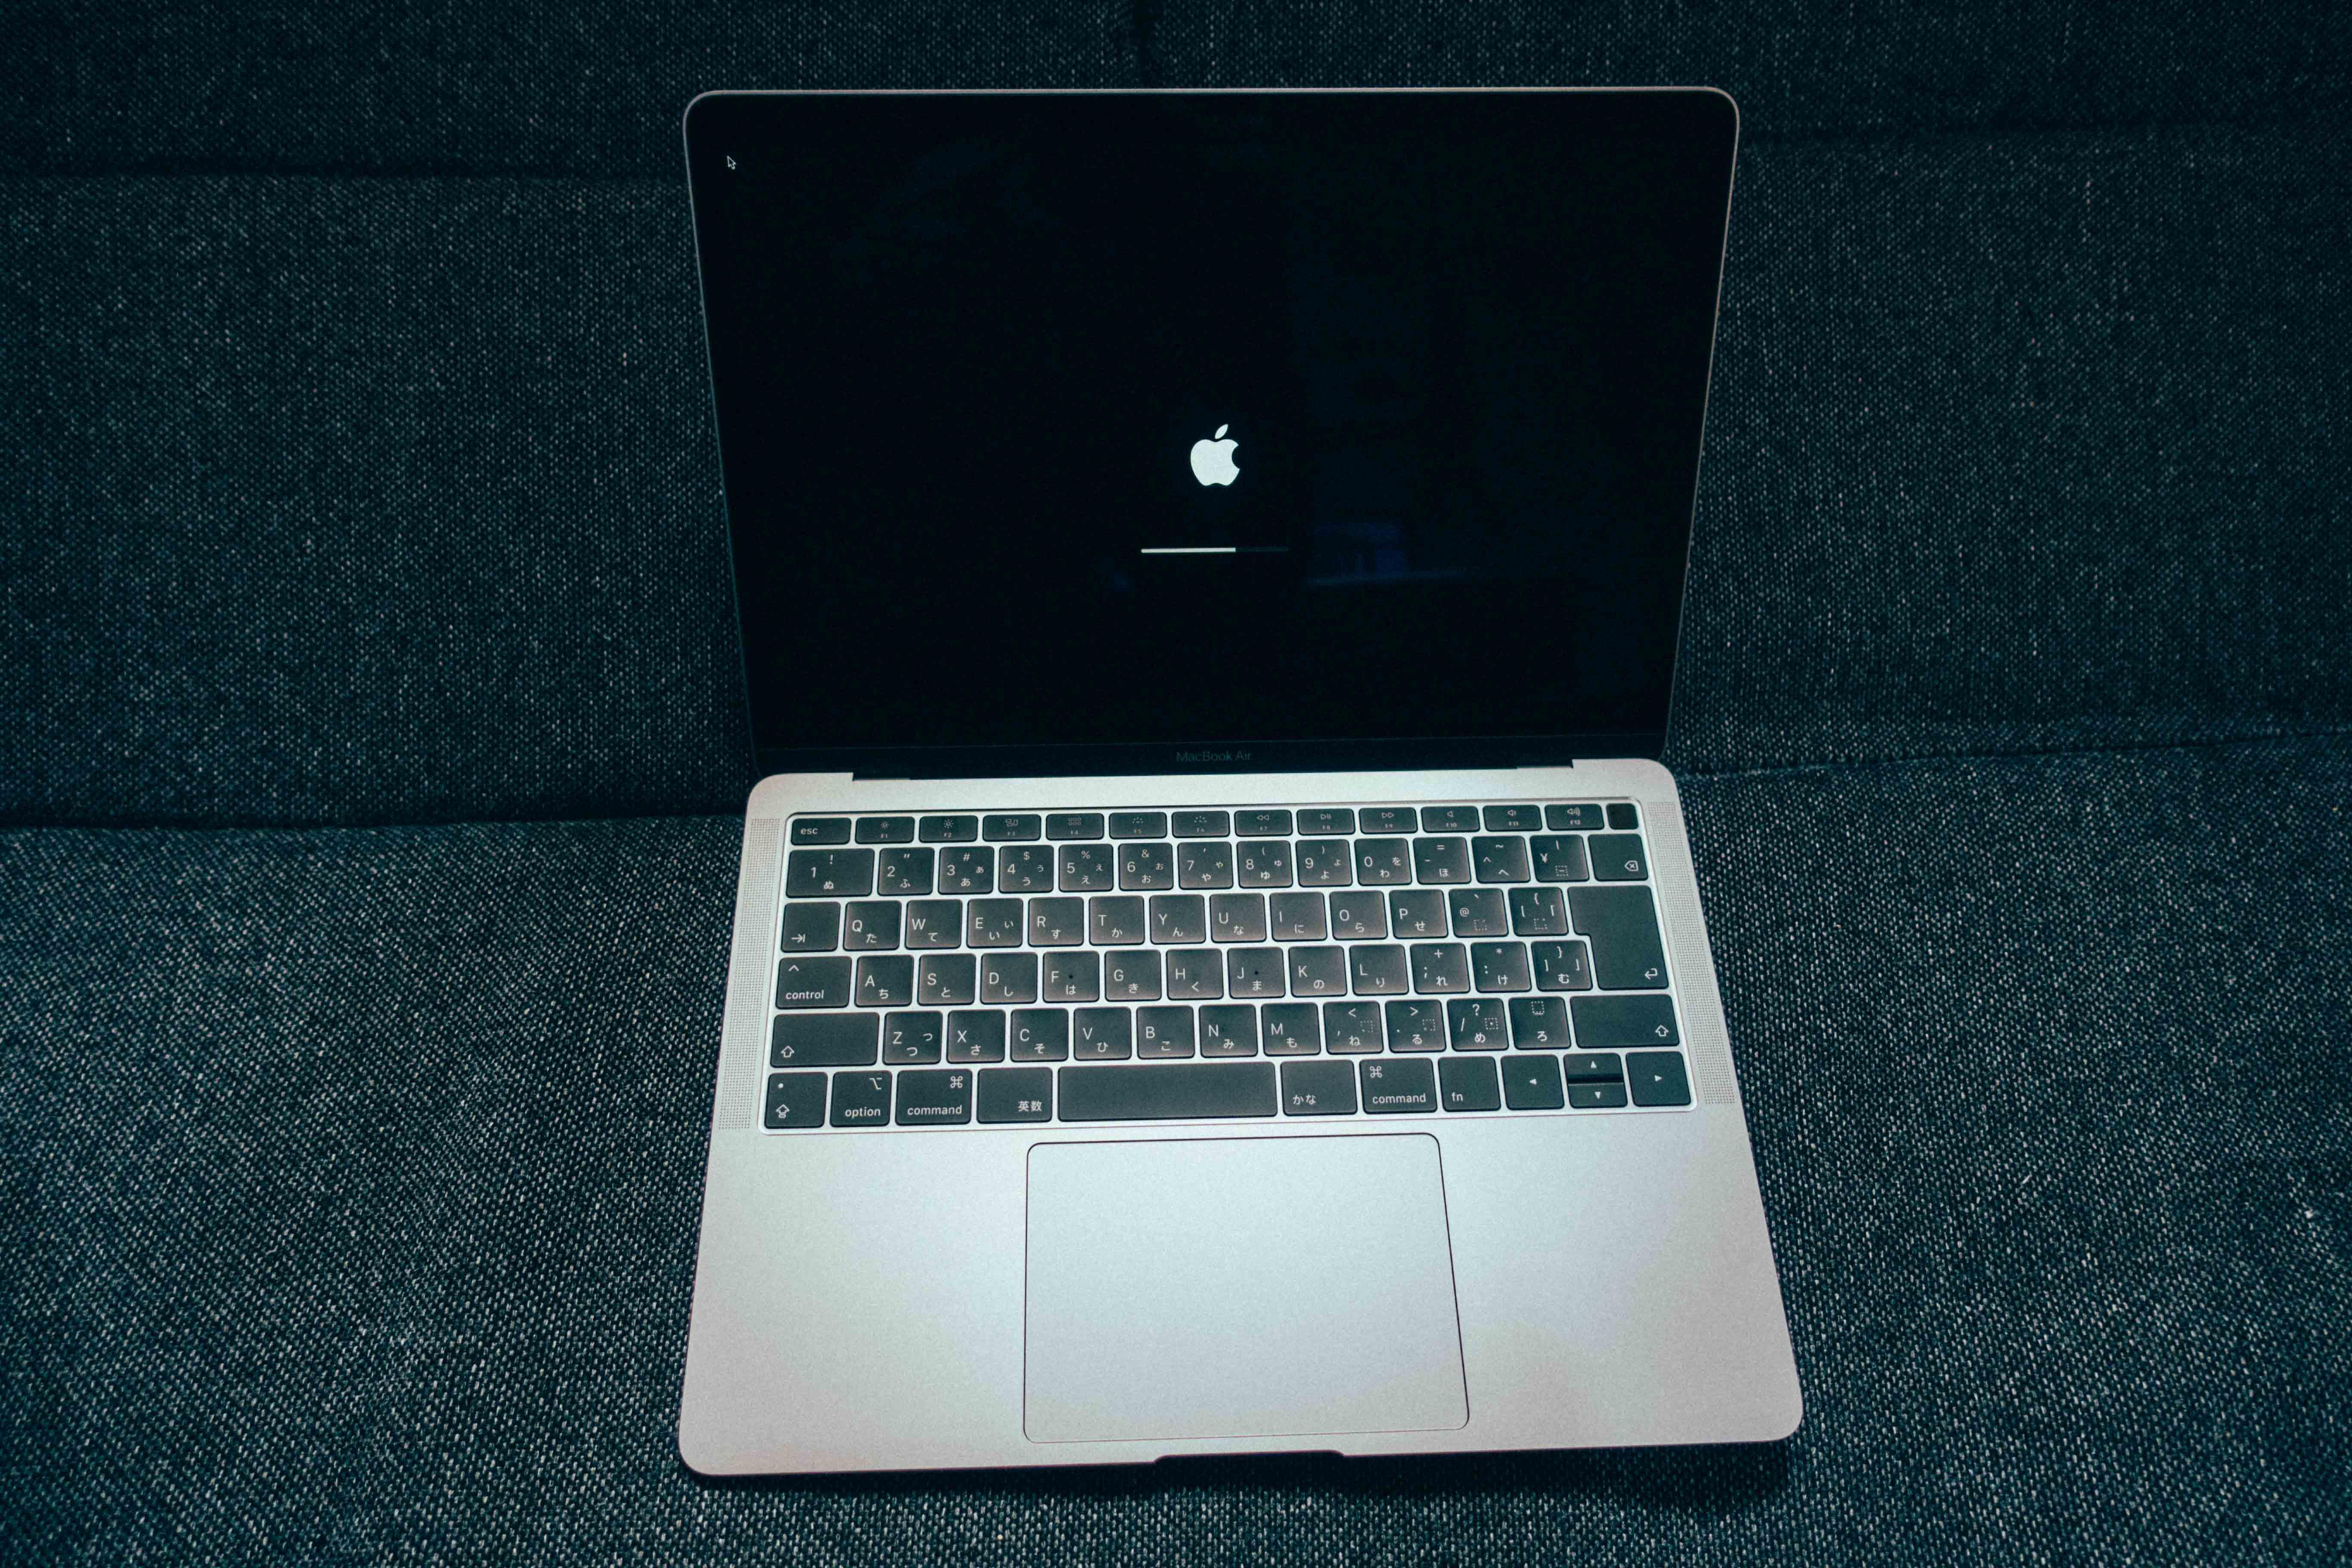 MacBook Air2018